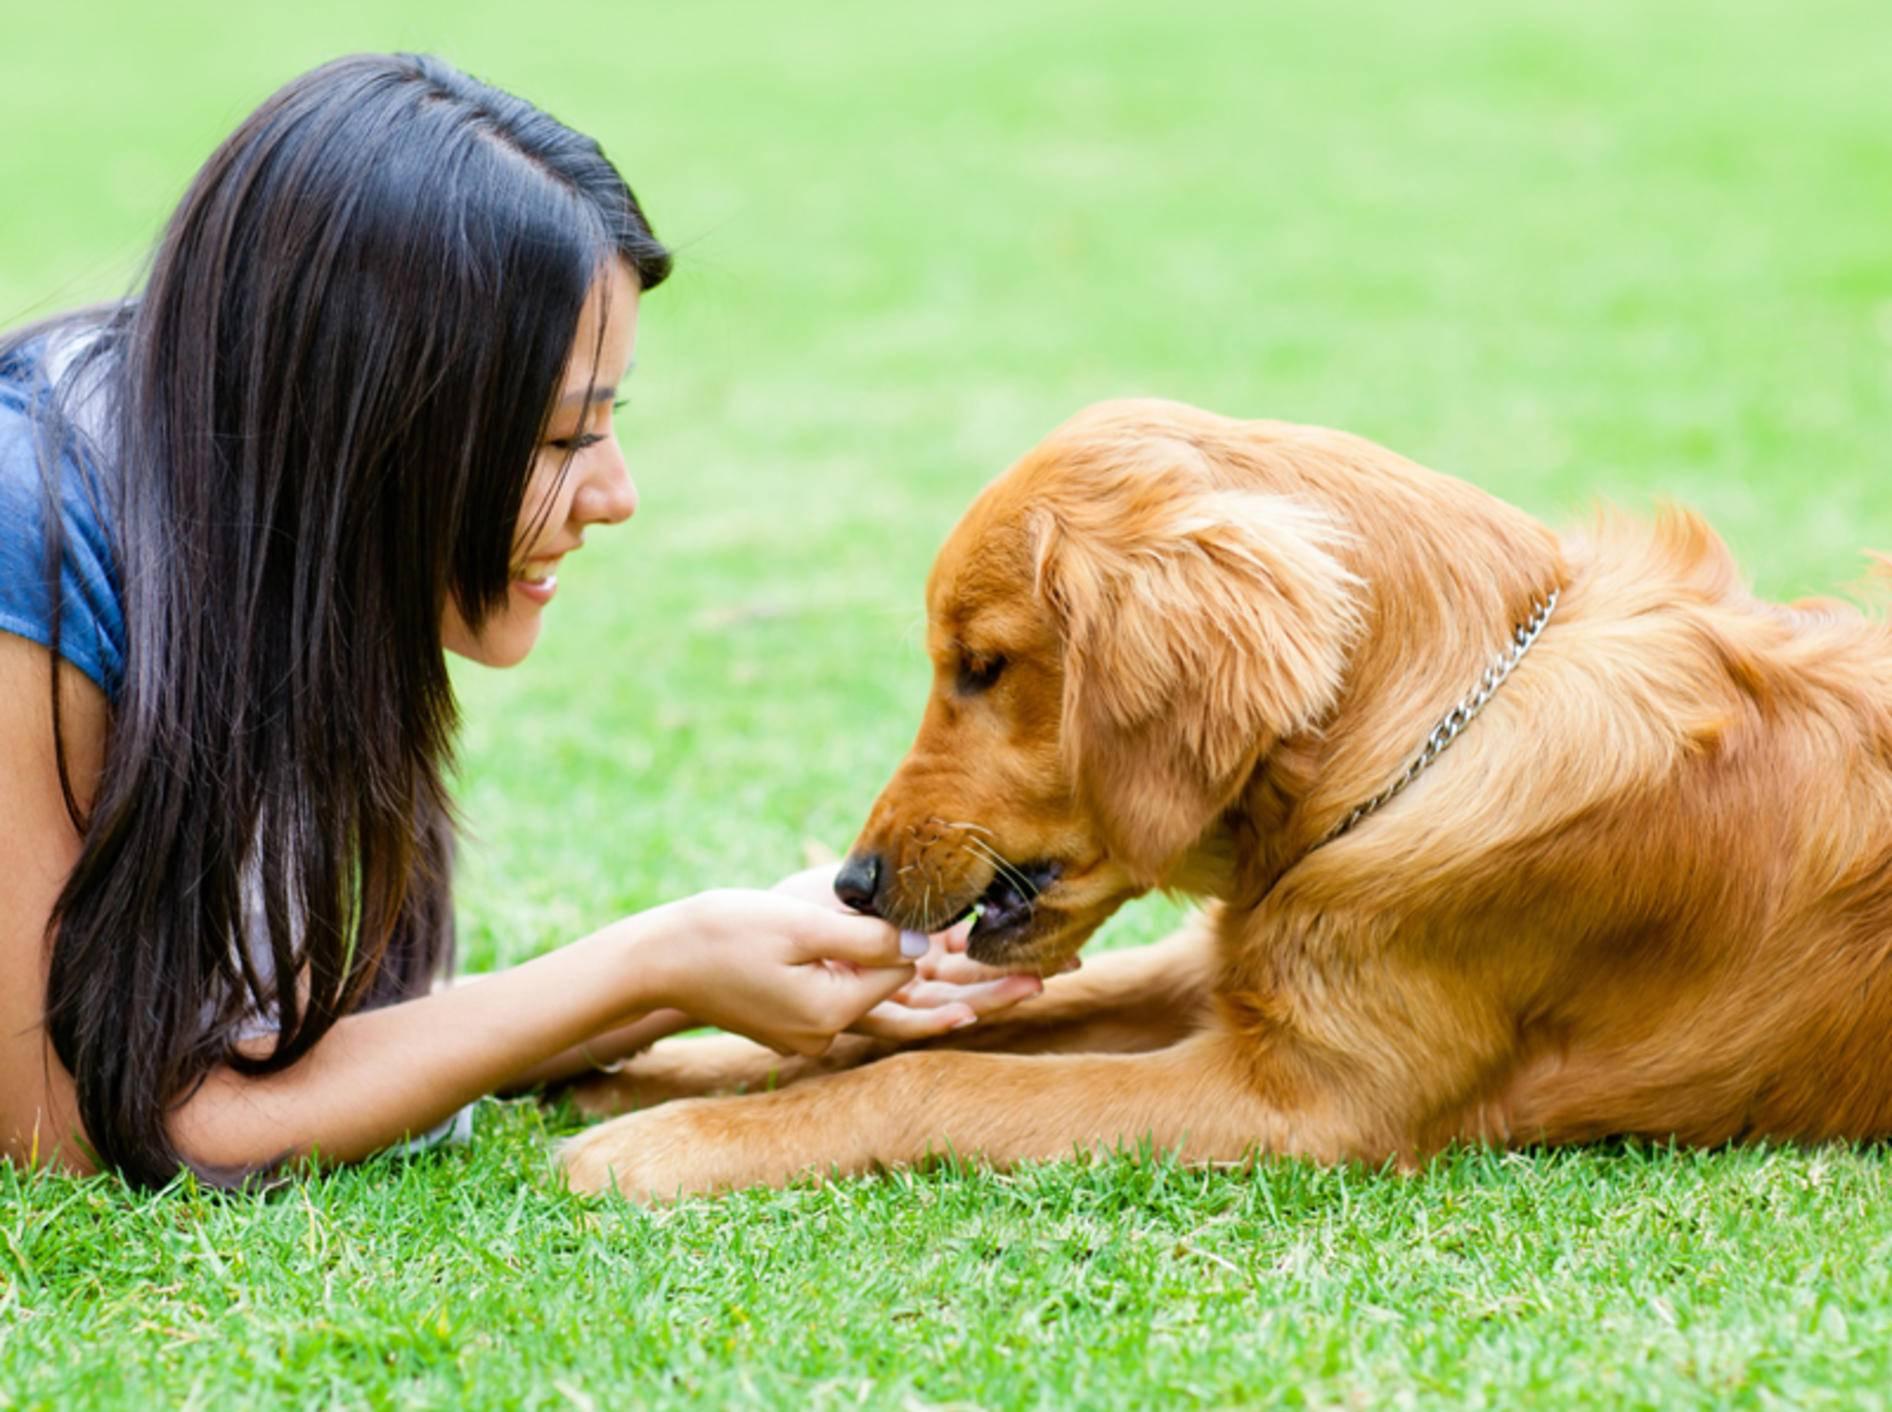 Alles Gute kommt von Frauchen, lernt der Hund im Anti-Giftköder-Training – Shutterstock / Andresr